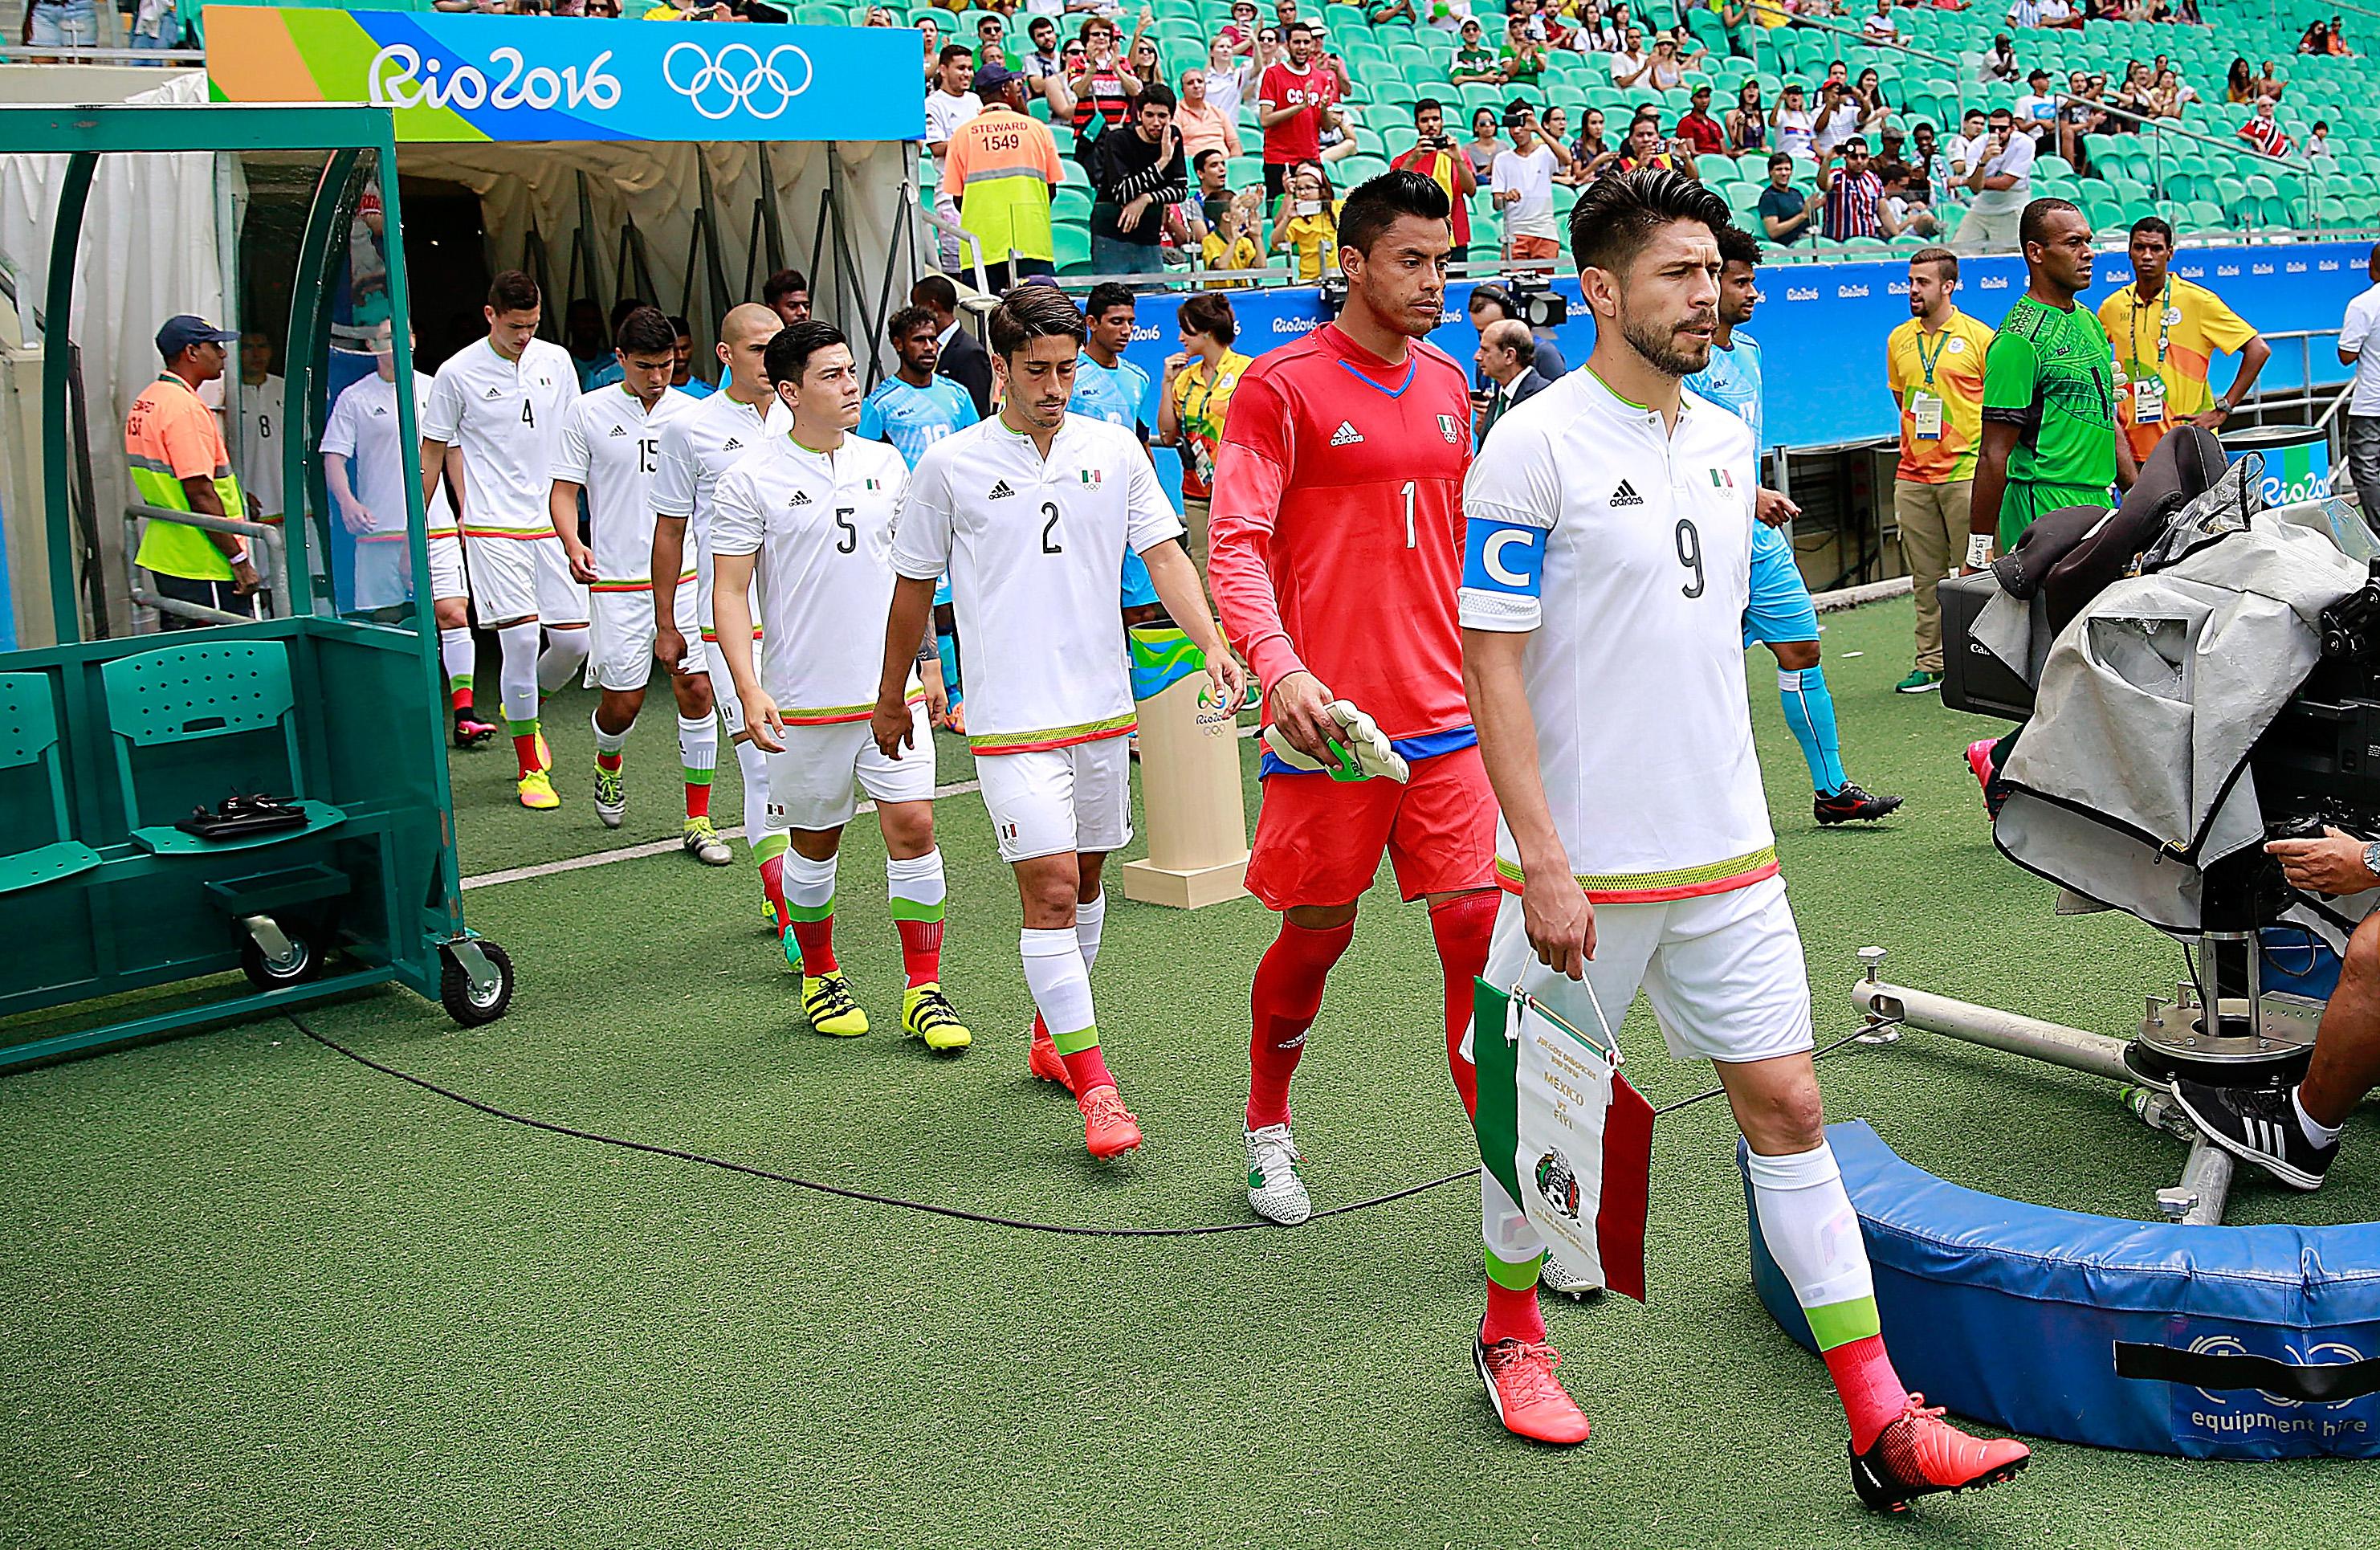 Fiji v Mexico: Men's Football - Olympics: Day 2